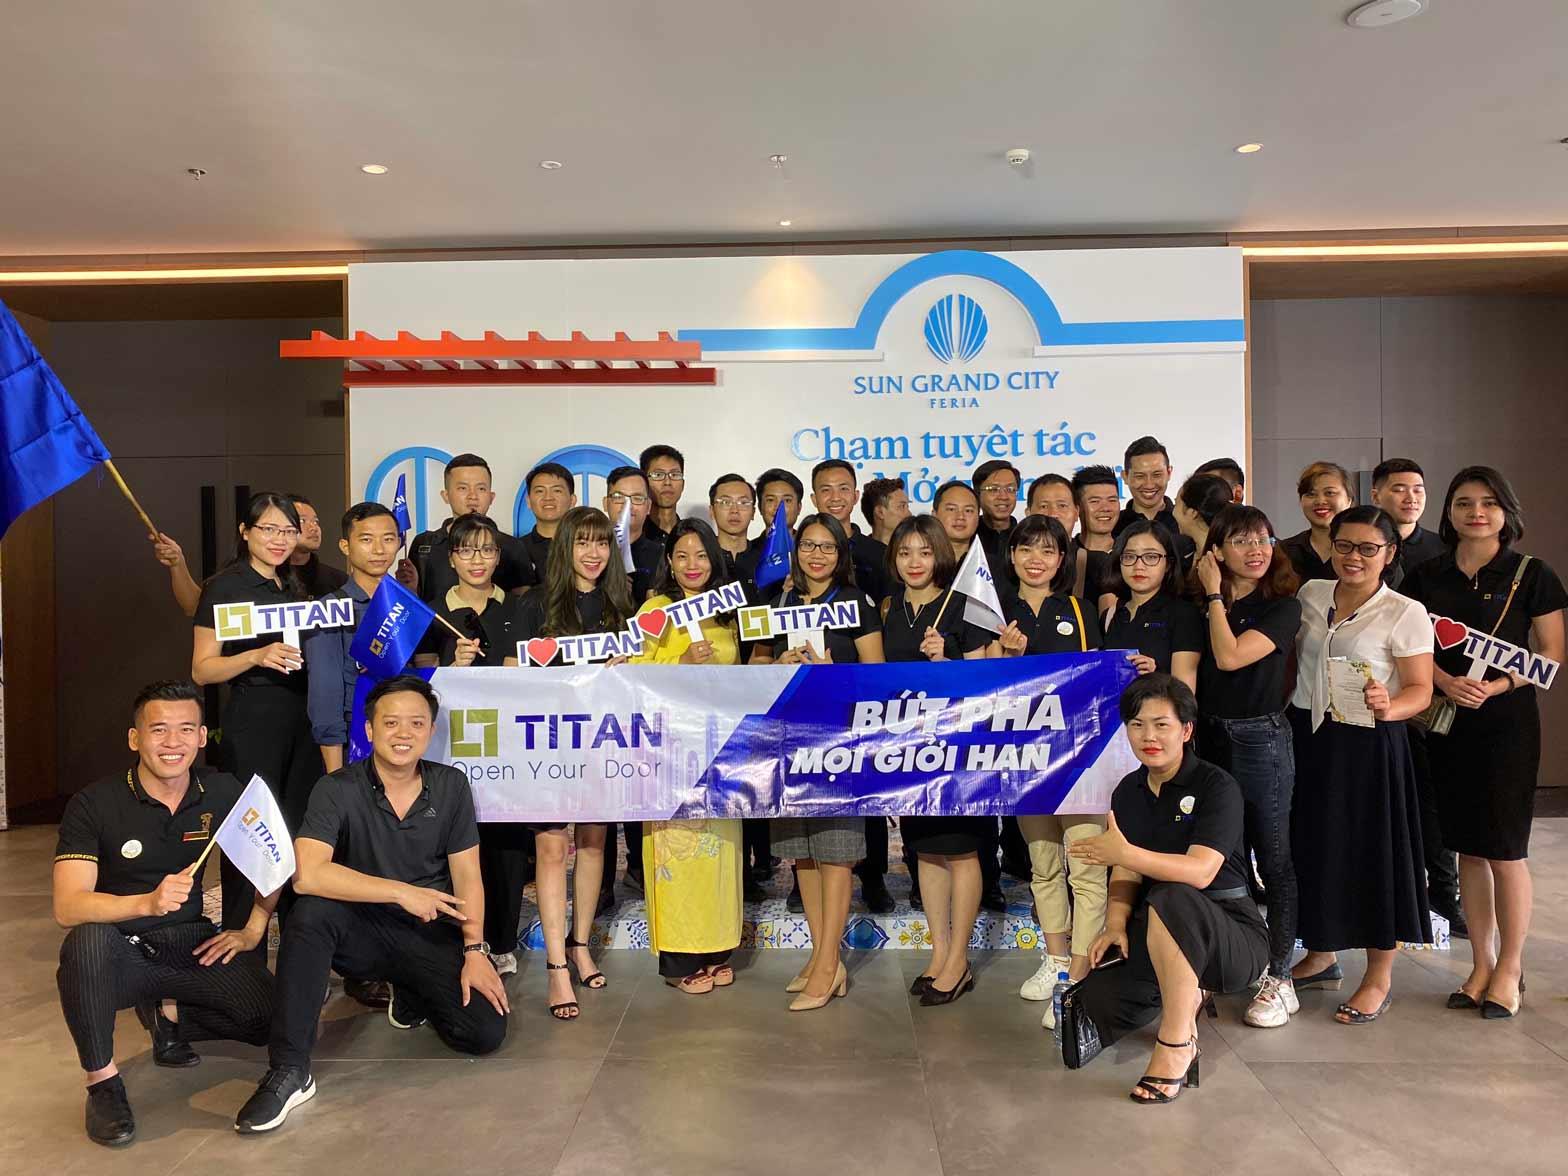 Chiến binh sales Titan tại lễ ra quân dự án Sun Grand City Feria